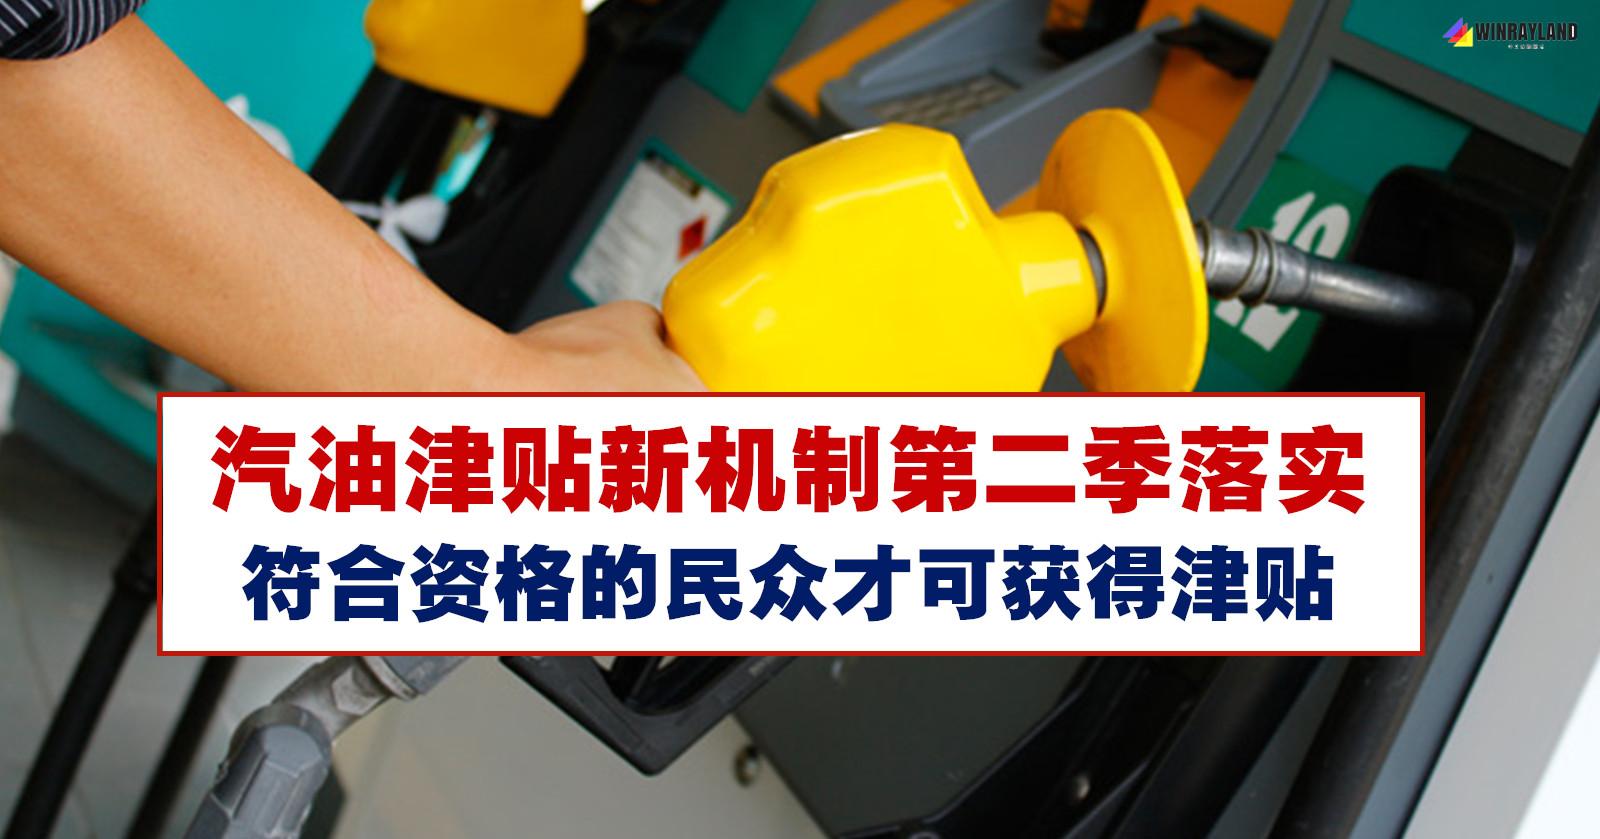 汽油津贴新机制第二季度落实,符合资格的民众才可获得津贴